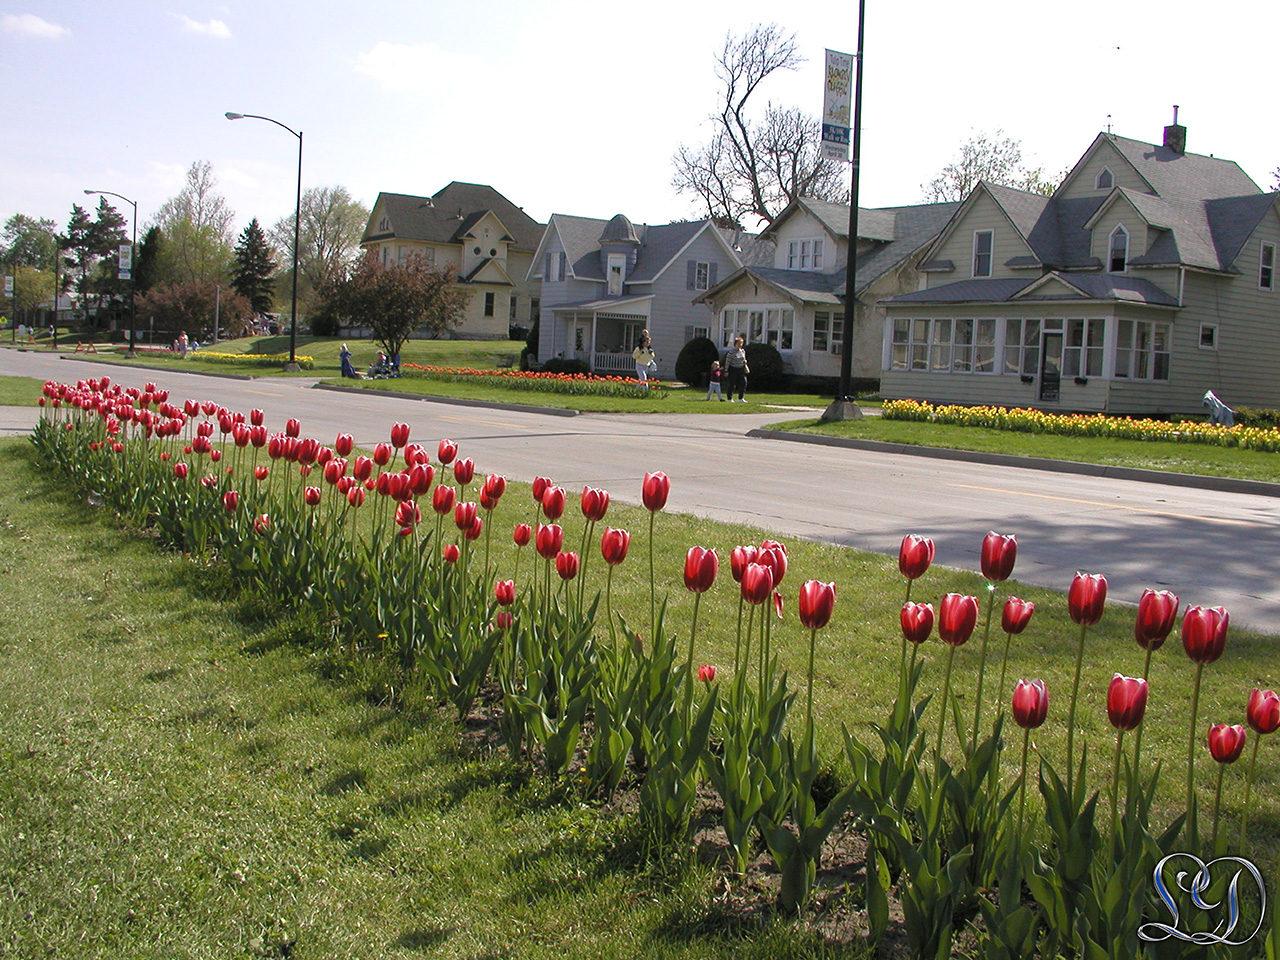 Tulipan festival Pella Iowa originalt billede